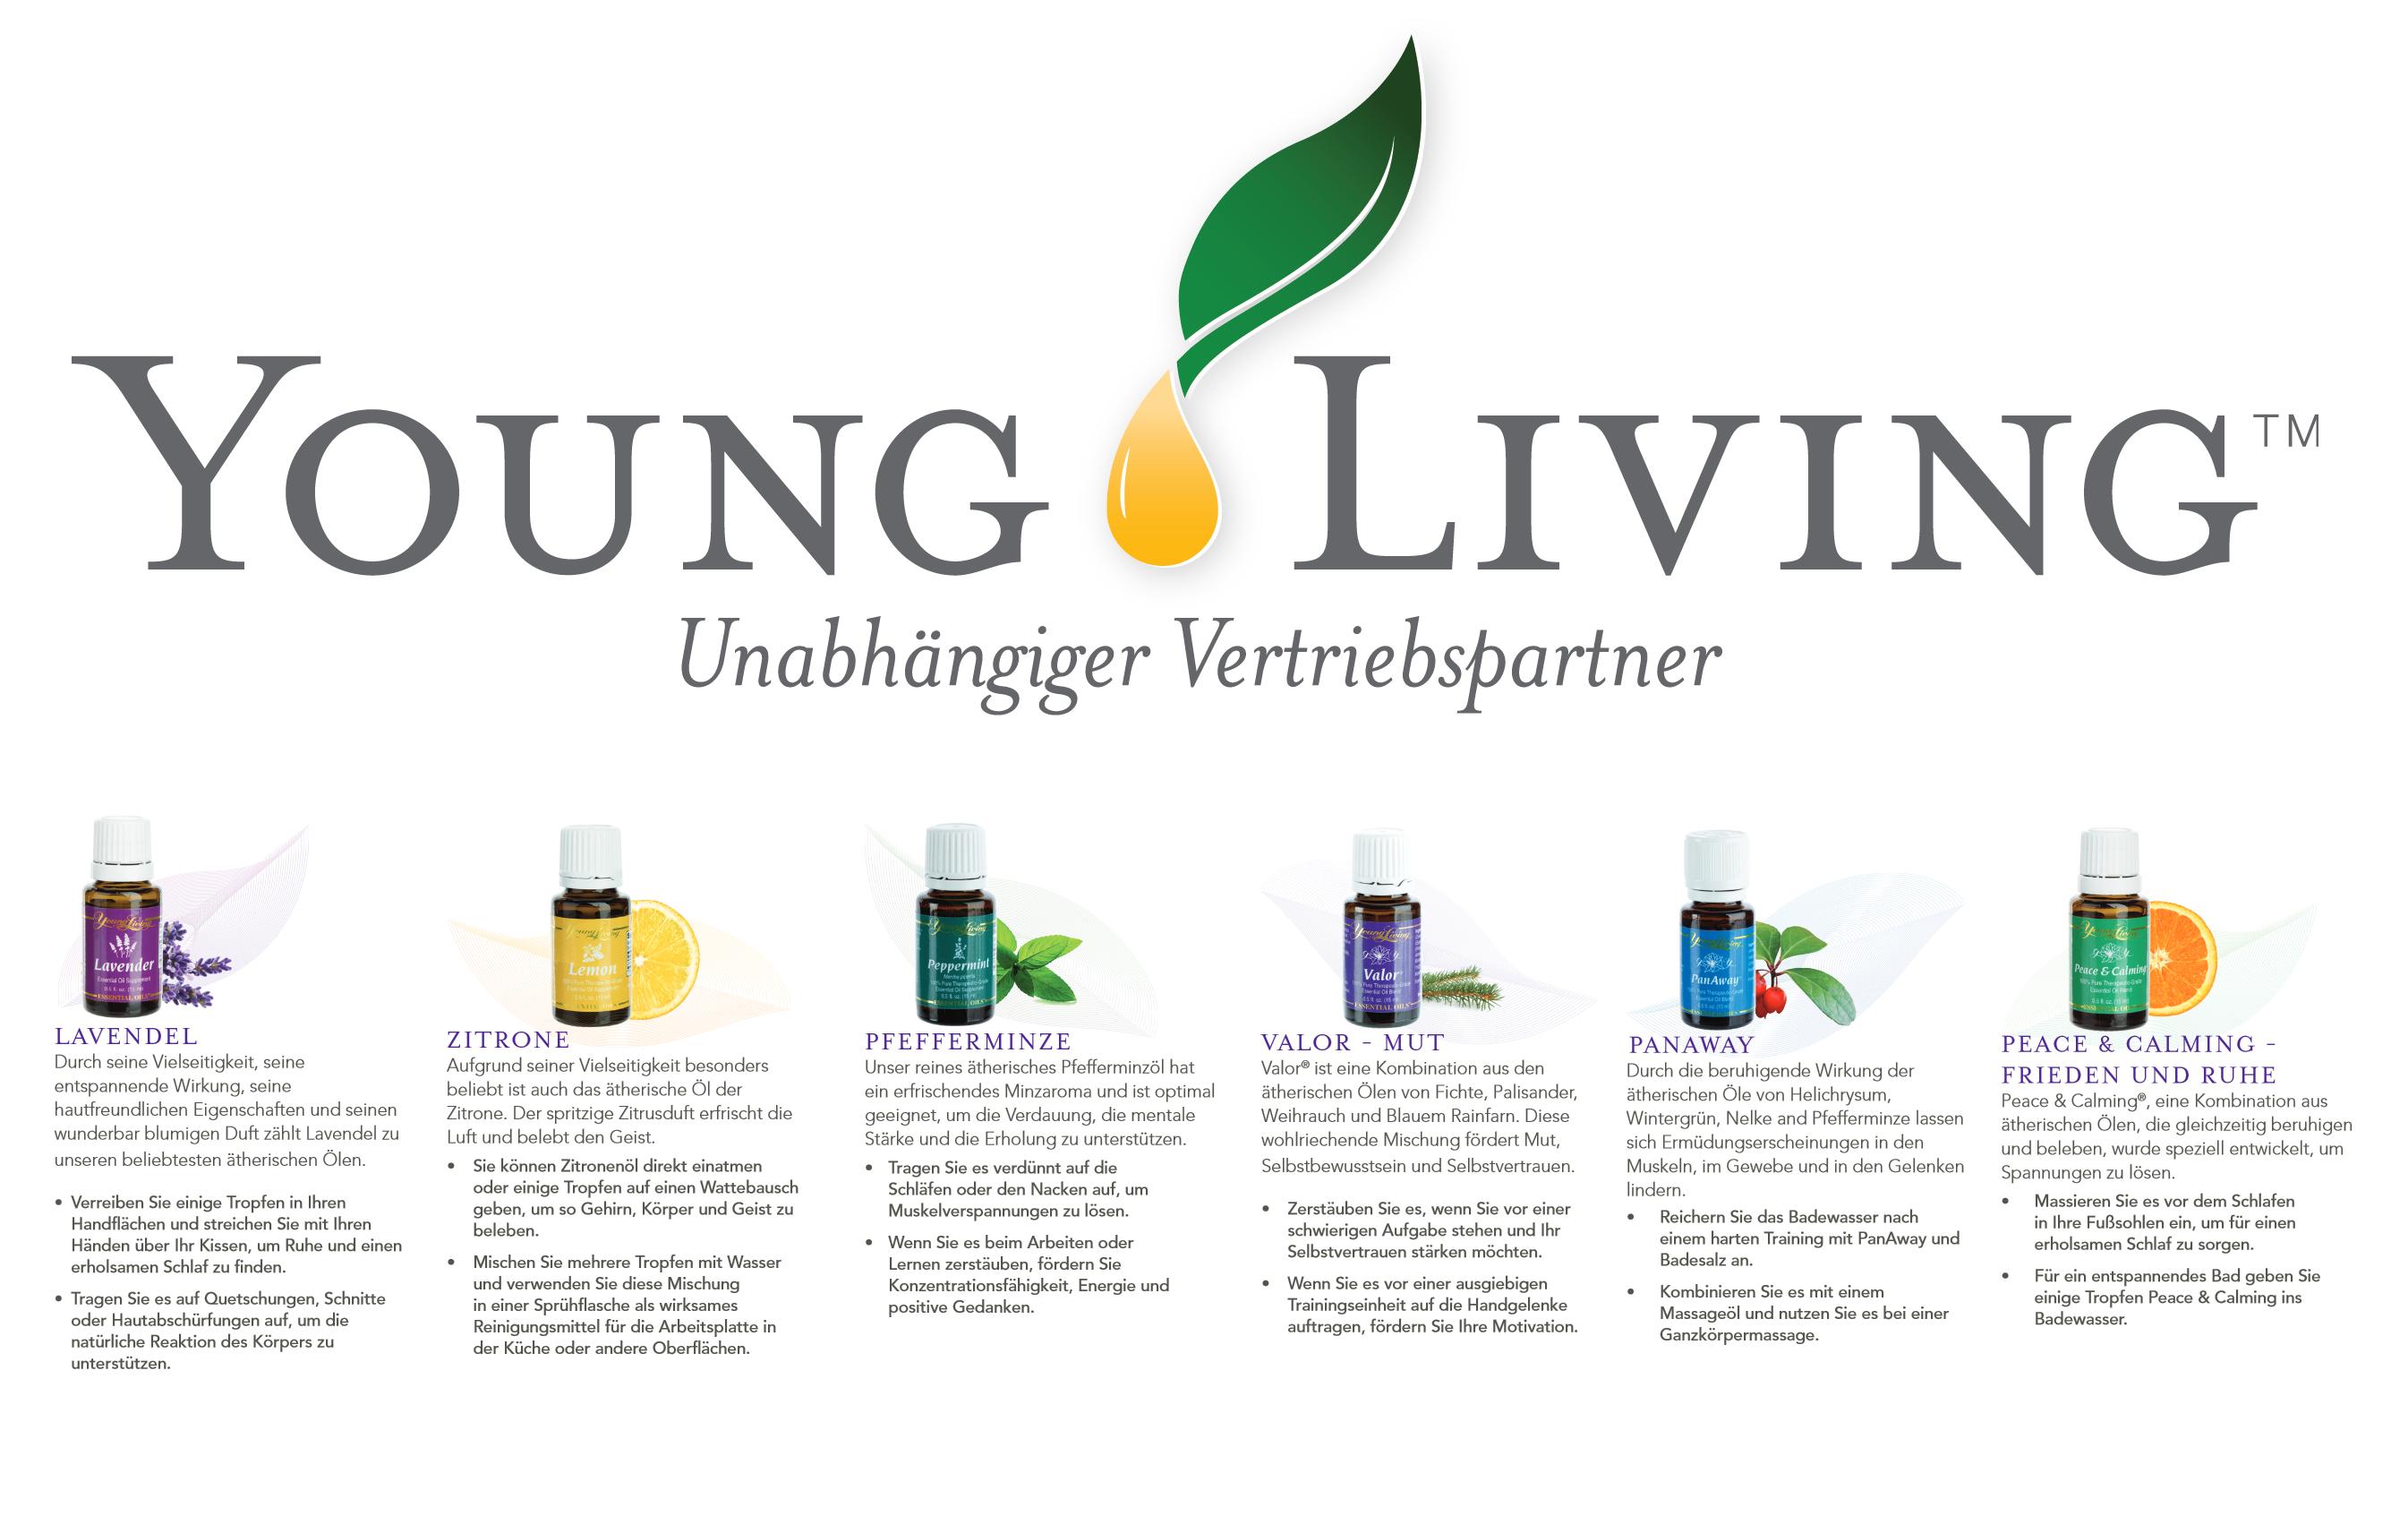 Young-Living-OEle3bpZjPahO9Flp